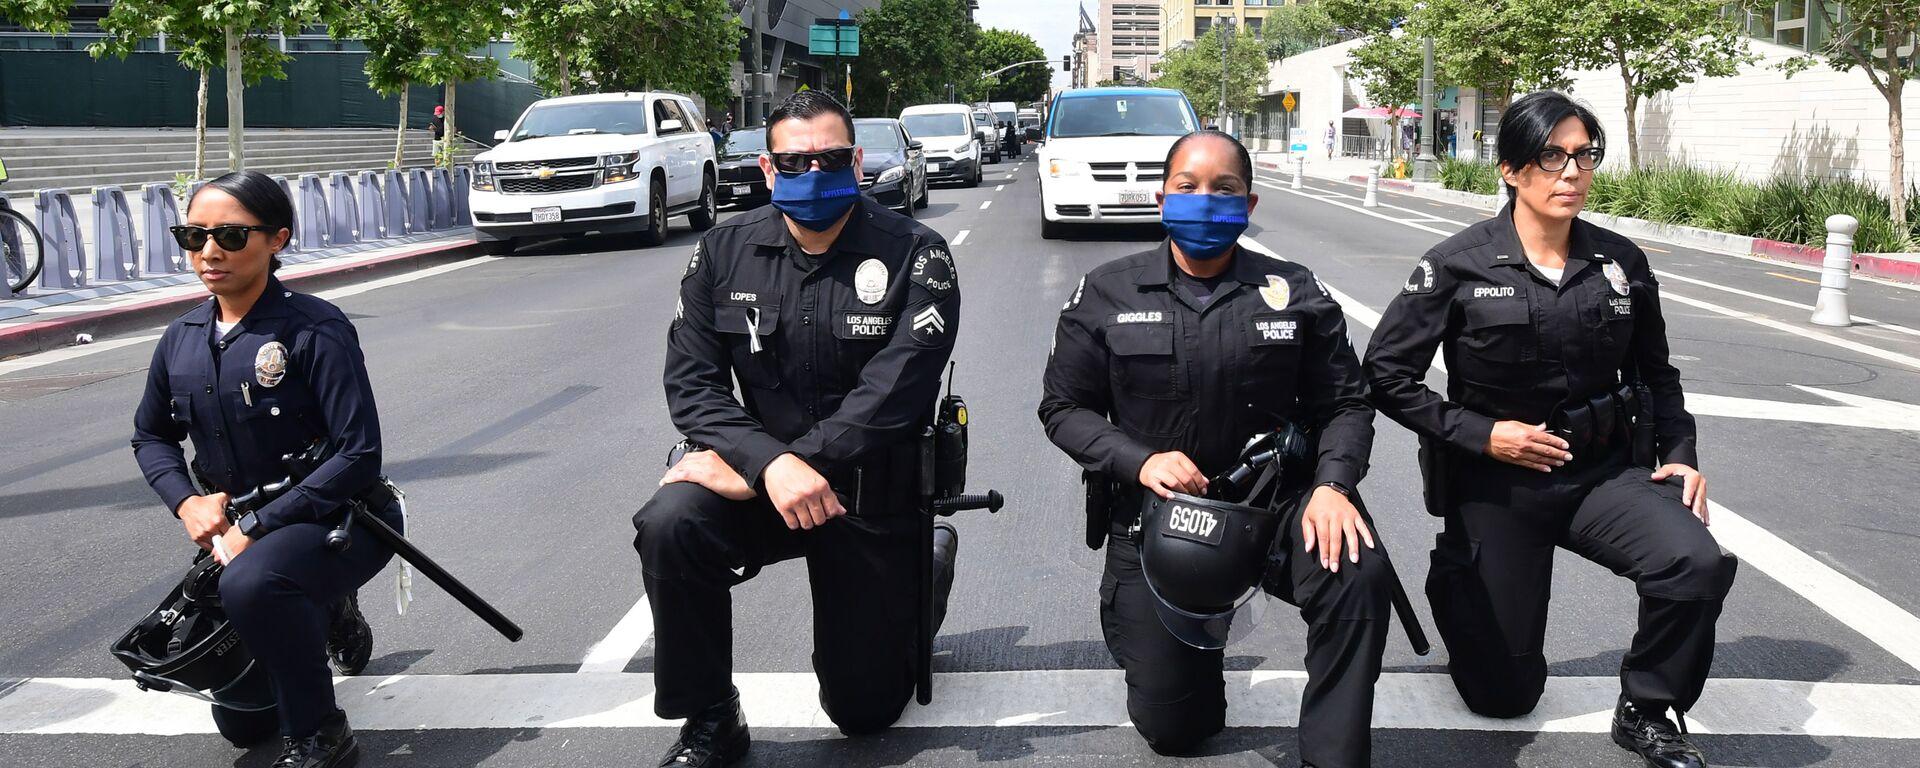 Сотрудники полиции Лос-Анджелеса преклоняют колени во время митинга в память о Джордже Флойде - Sputnik Узбекистан, 1920, 03.06.2020